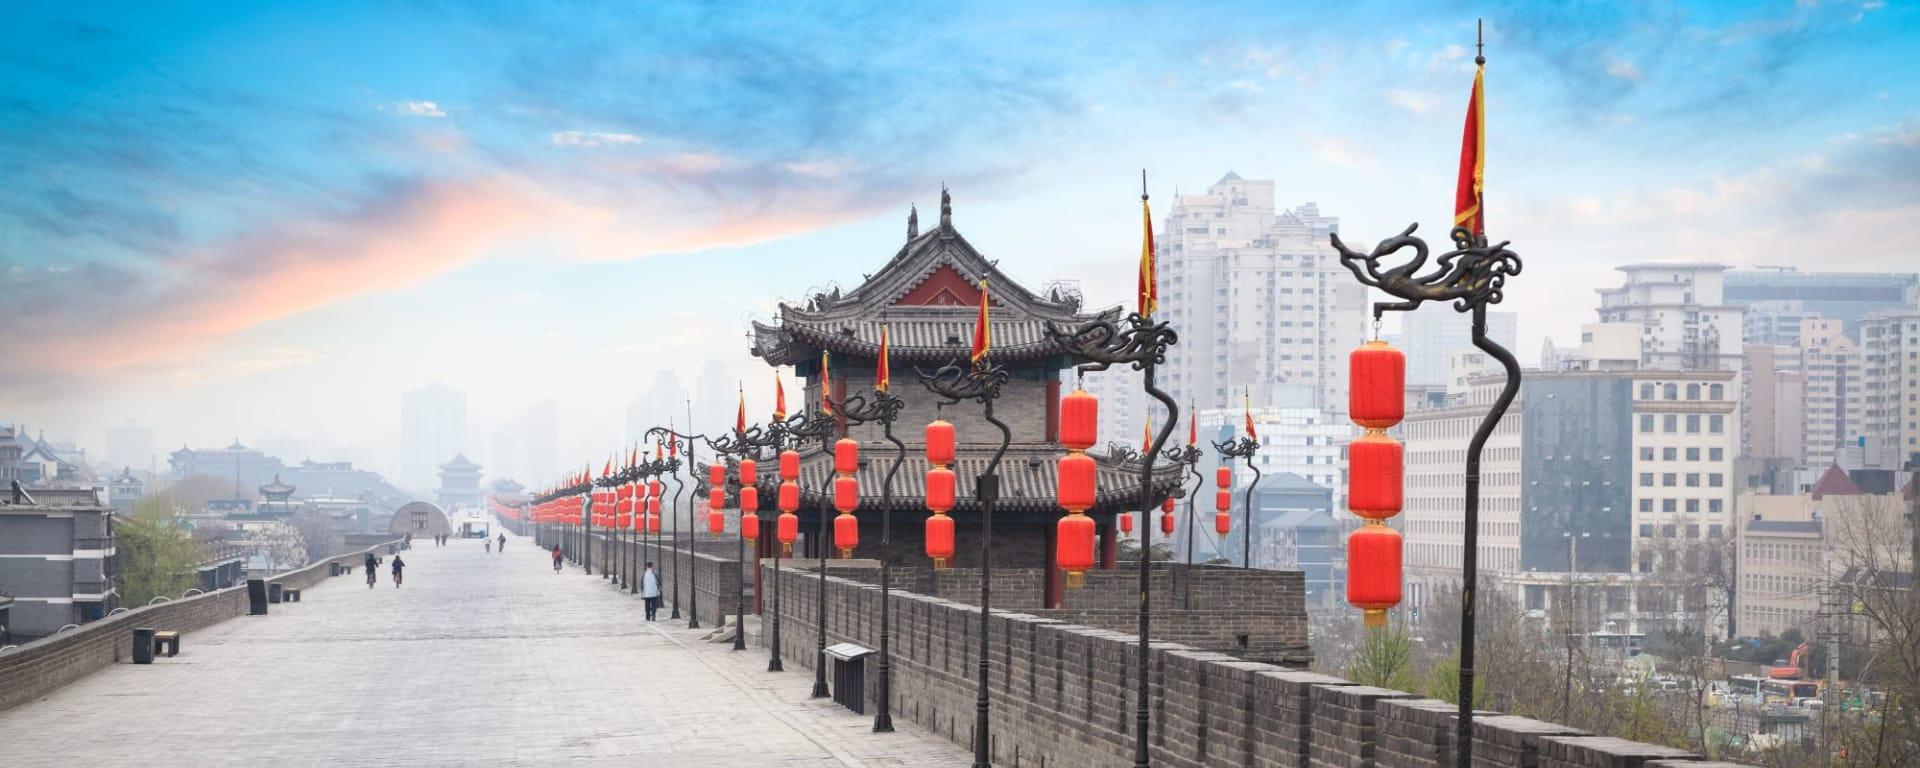 La Chine pour les fins connaisseurs avec une croisière de luxe sur le Yangtze de Pékin: Xian Ancient City Wall